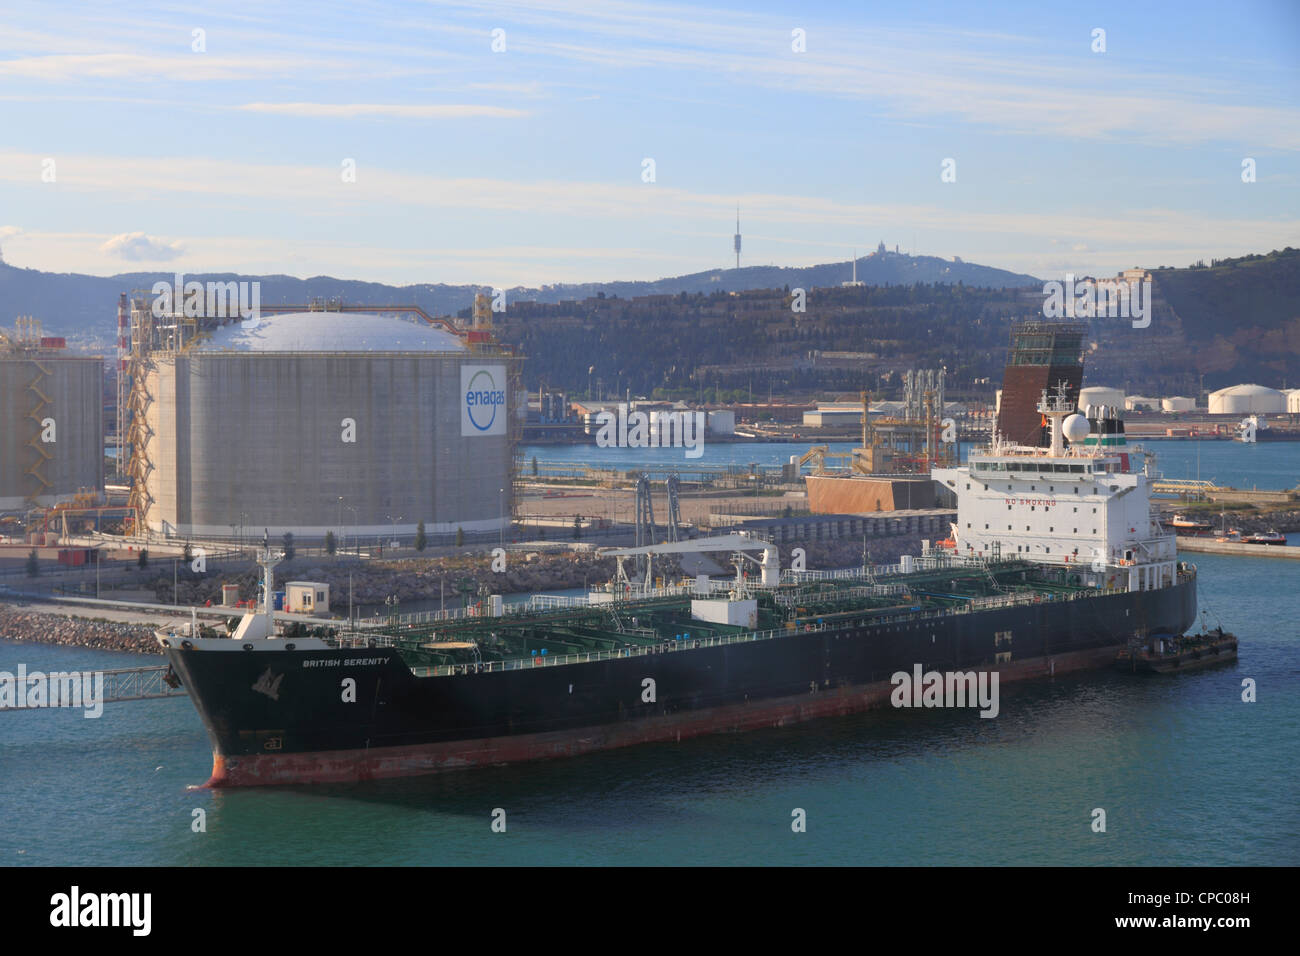 Spain Catalonia Barcelona, oil tanker terminal - Stock Image